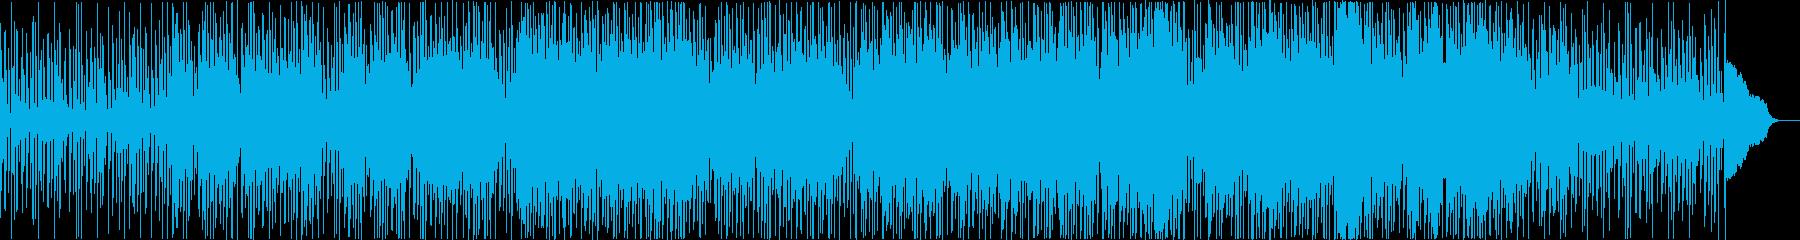 ほのぼのまったり中華三昧の再生済みの波形